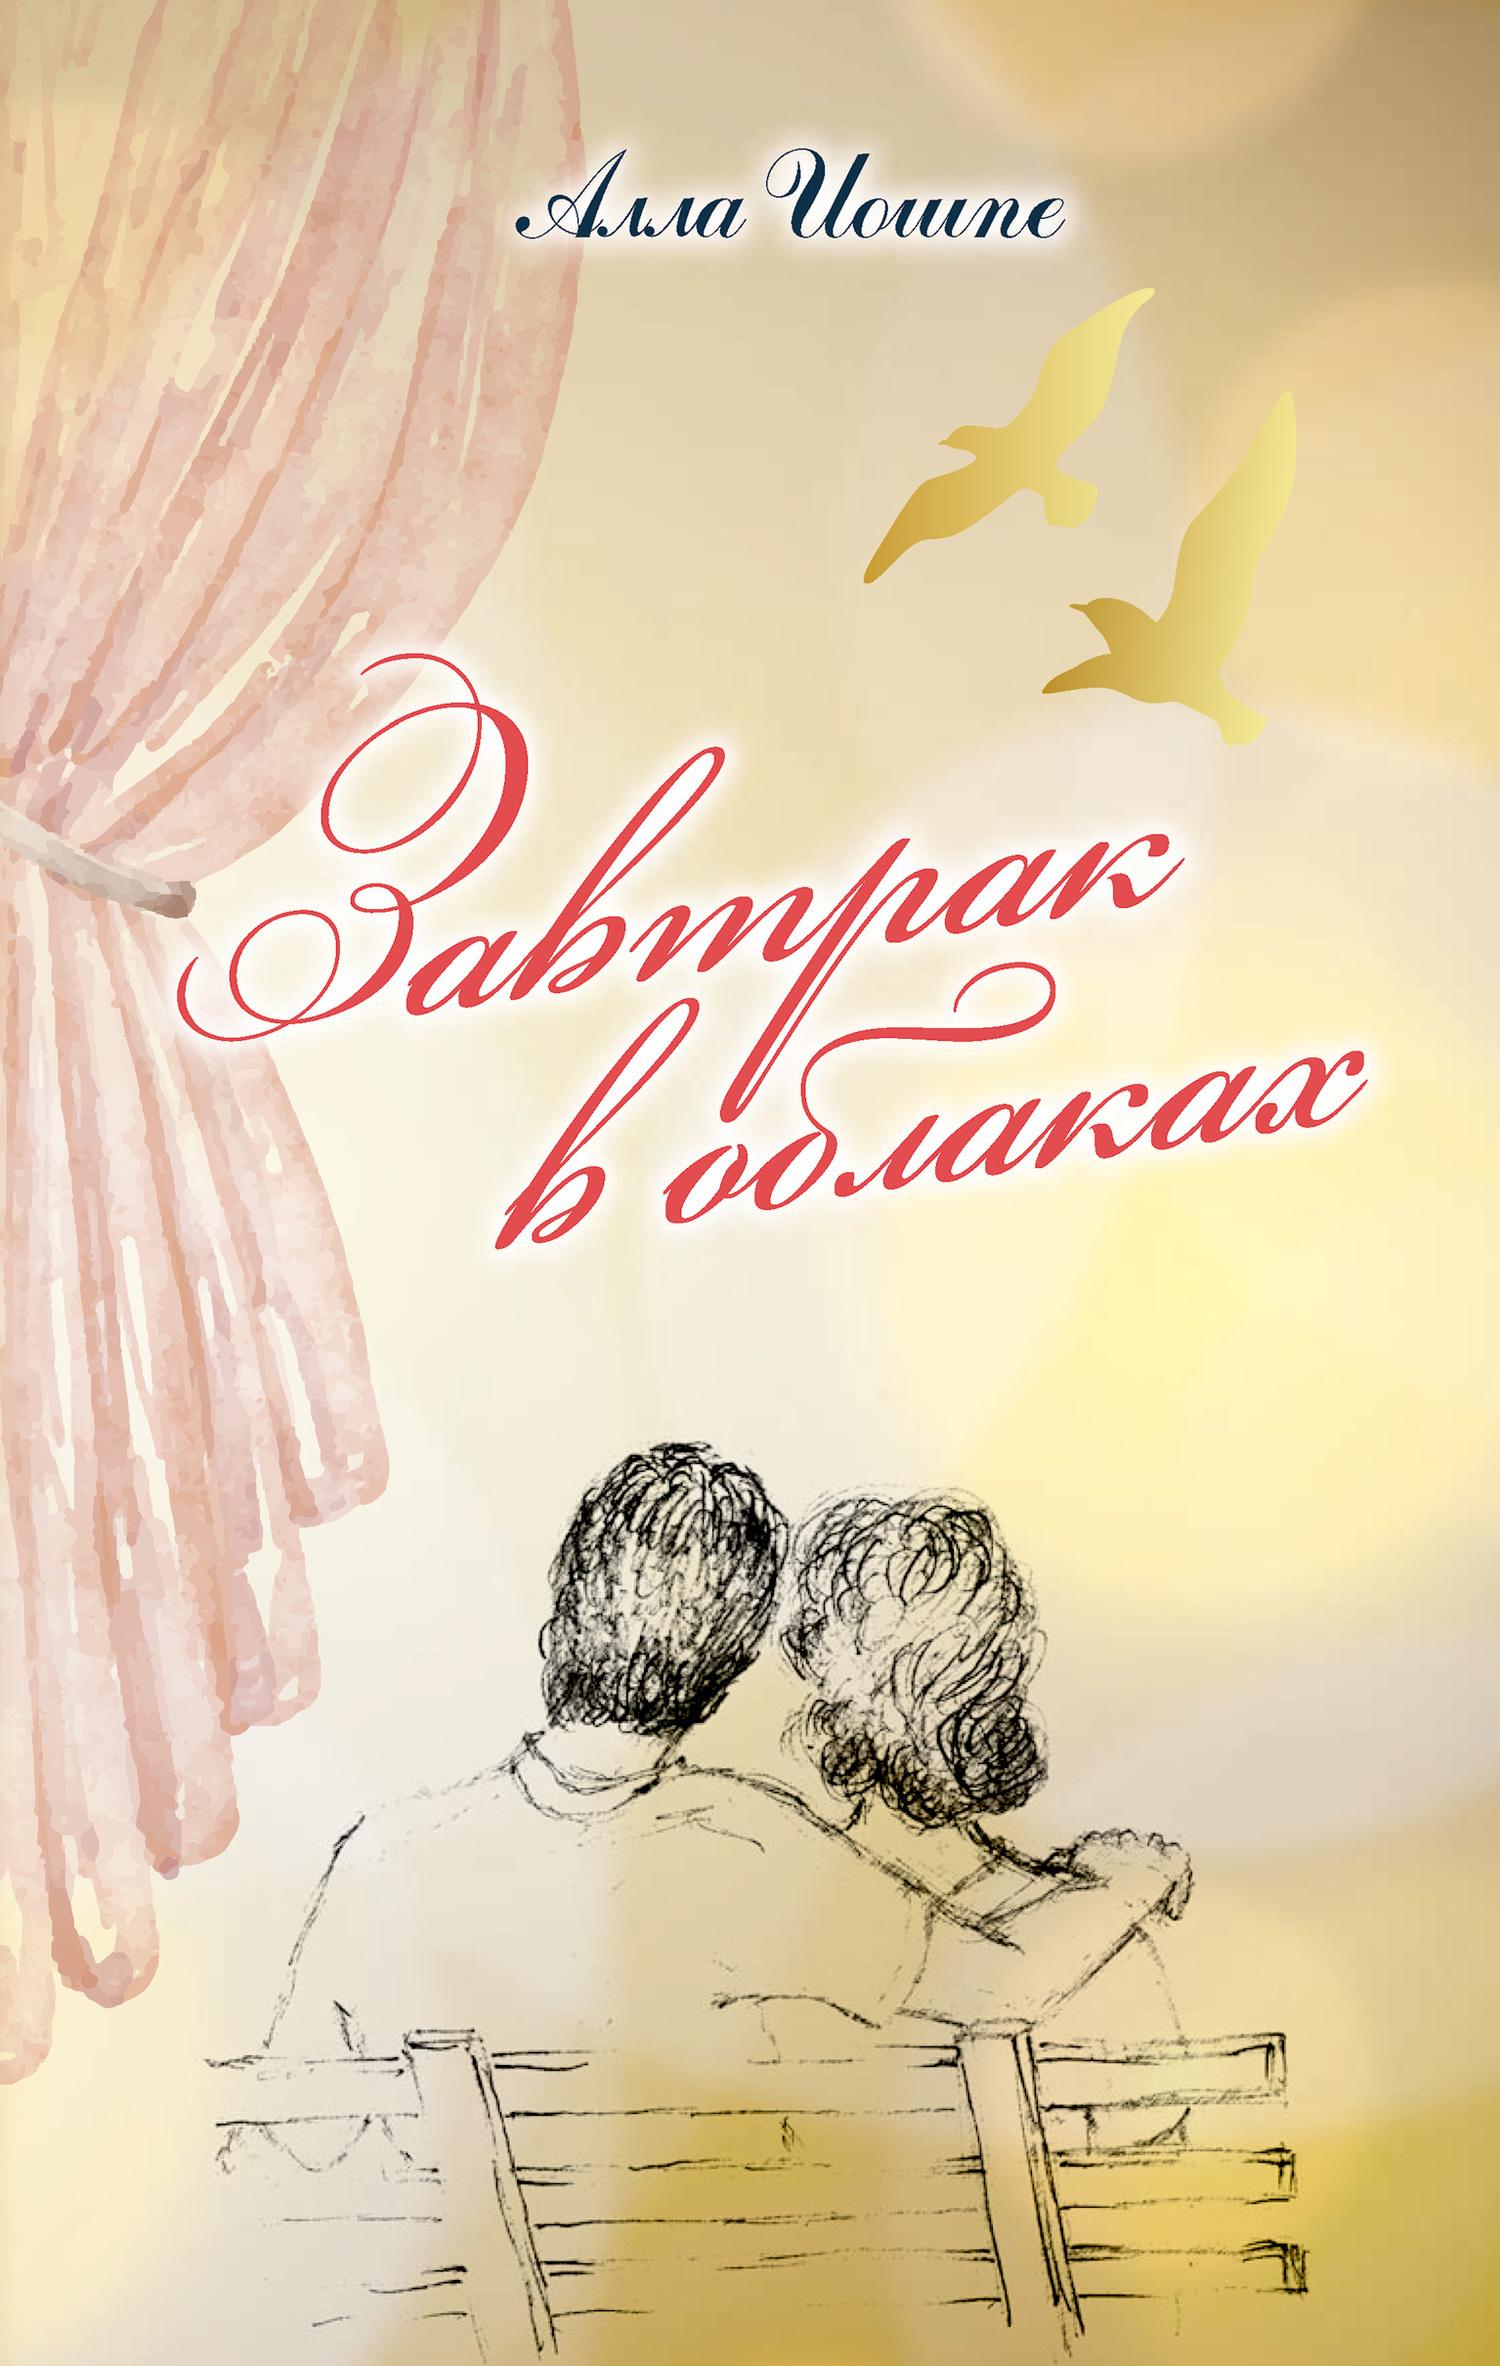 Алла Иошпе Завтрак в облаках ISBN: 978-5-6040605-8-2 алла иошпе стахан рахимов поют алла иошпе и стахан рахимов